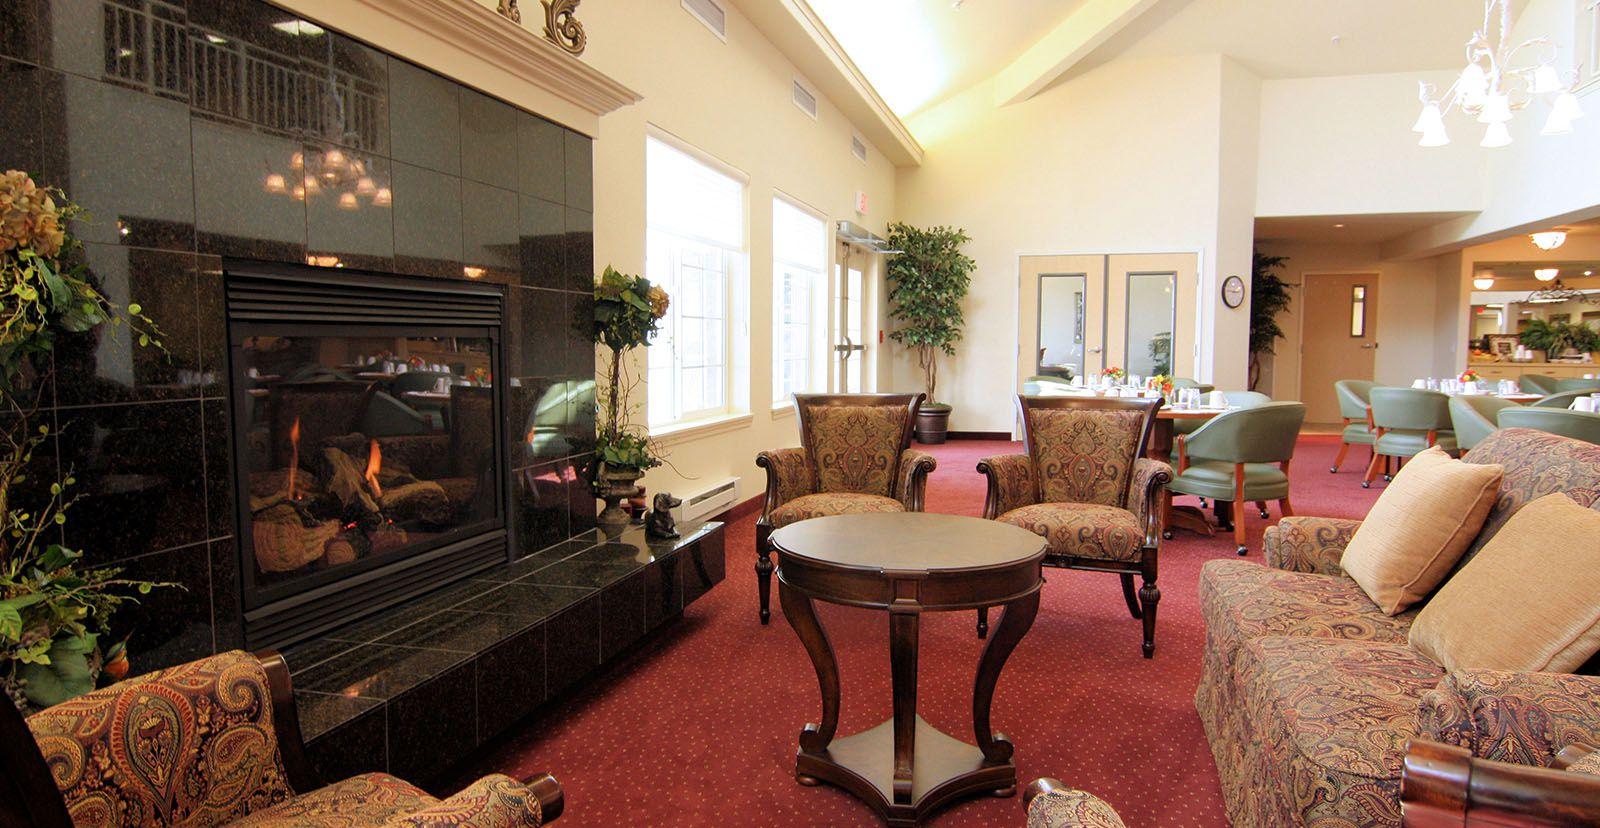 Highland Estates image 6